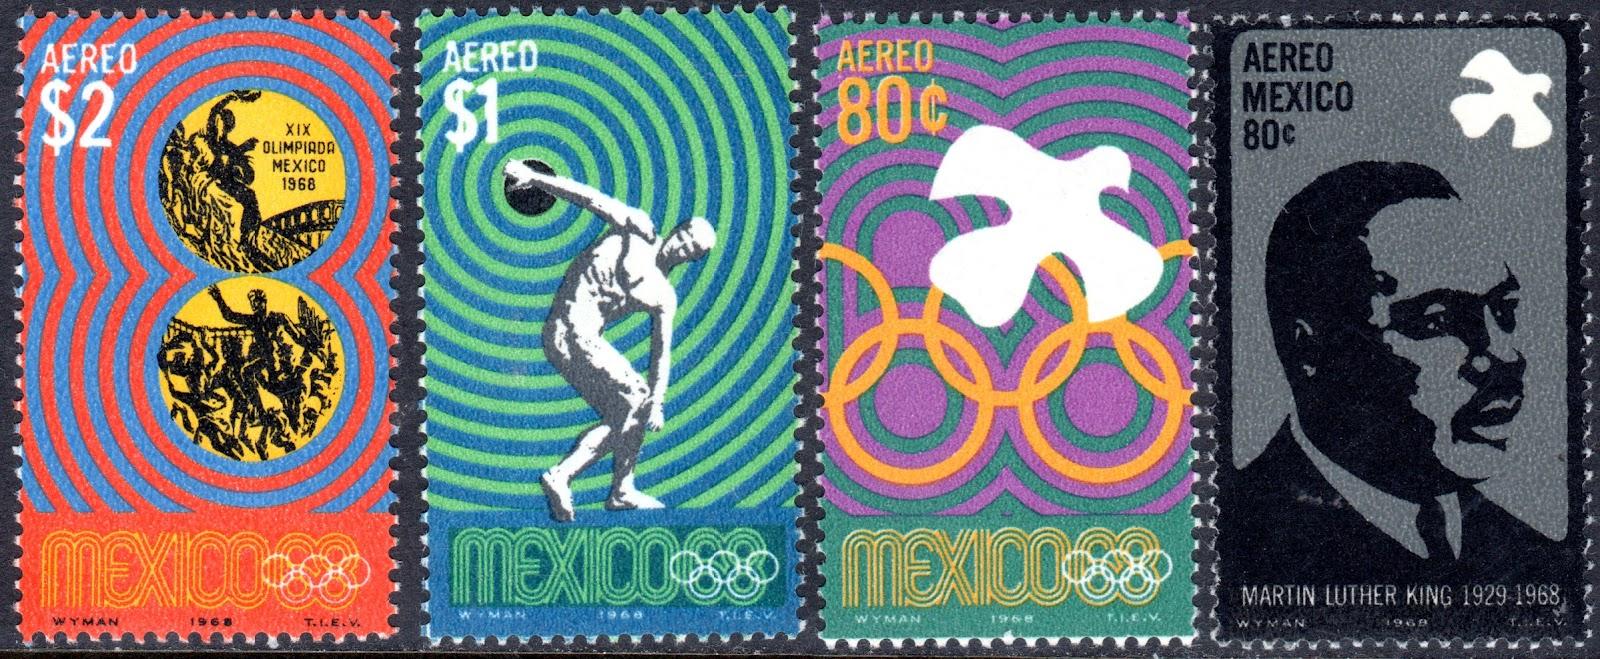 Resultado de imagen para estampillas postales mexico